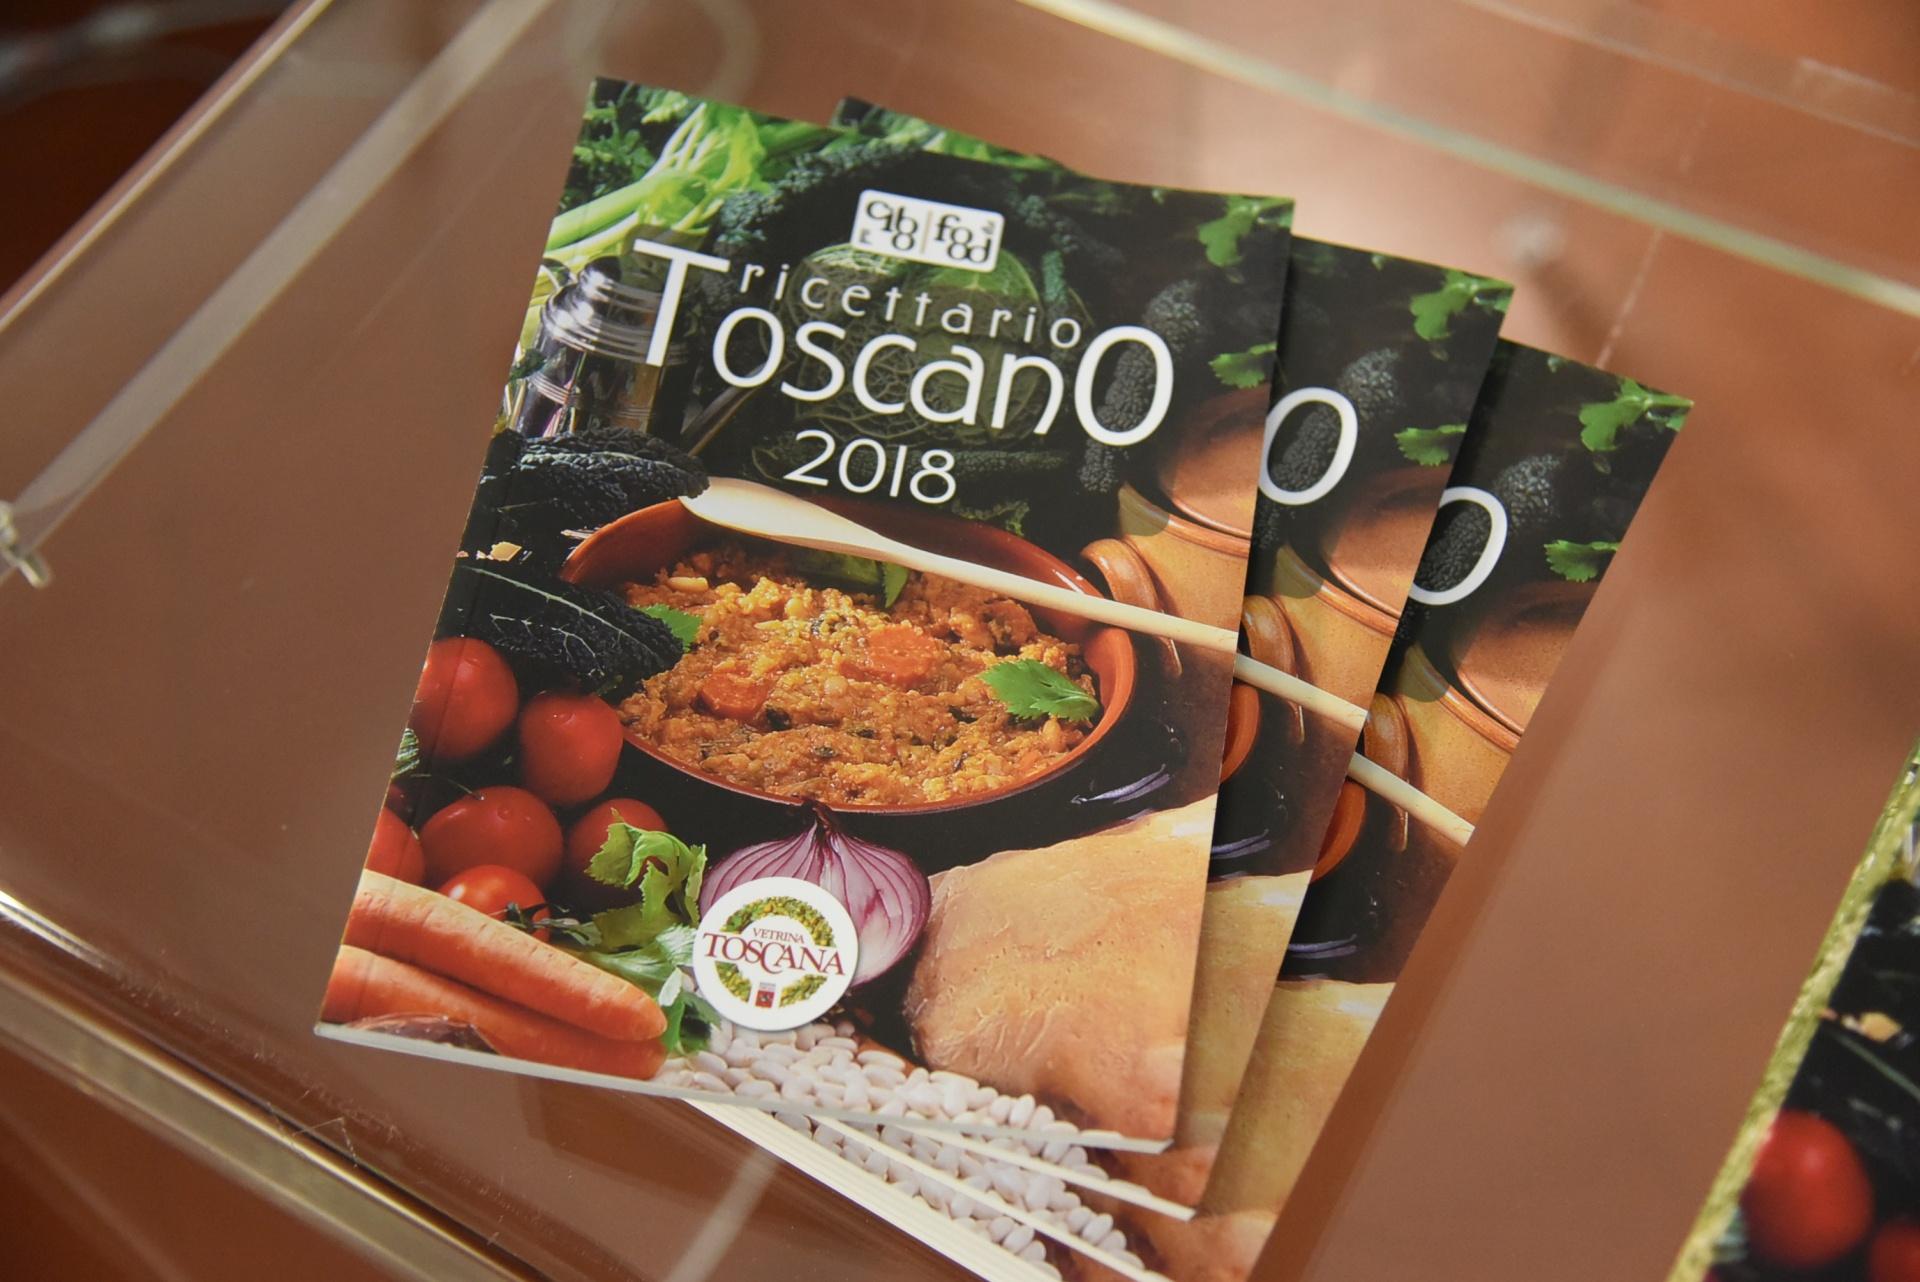 Ricettario Toscano, presentazione a Firenze presso la Regione Toscana